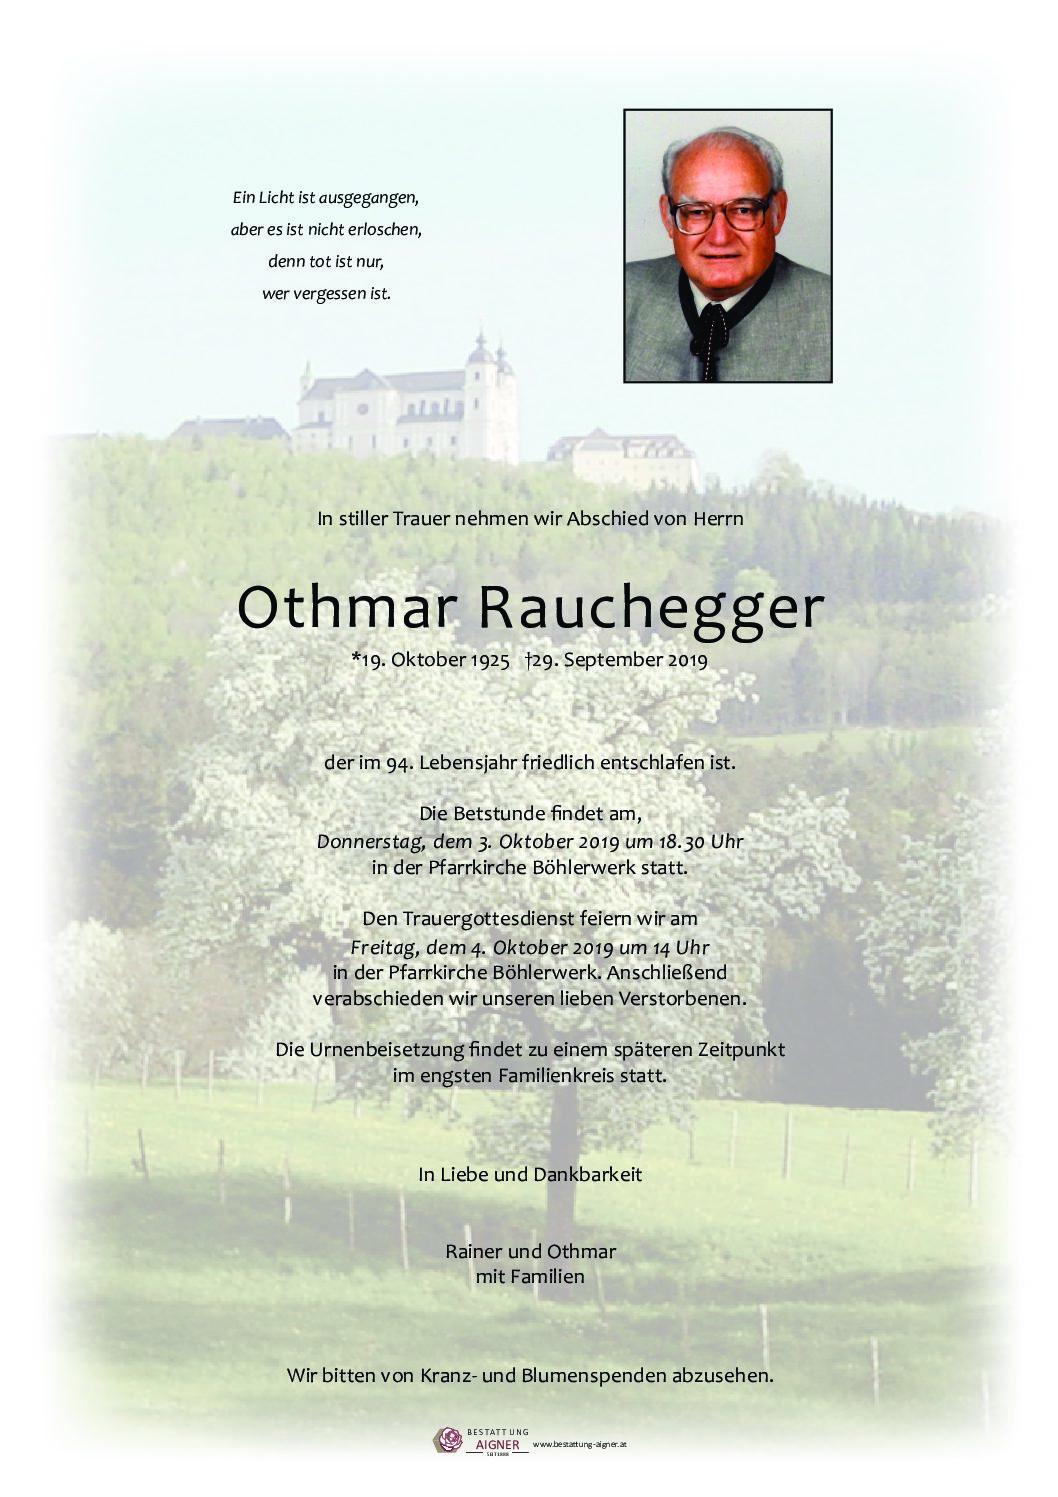 Othmar Rauchegger